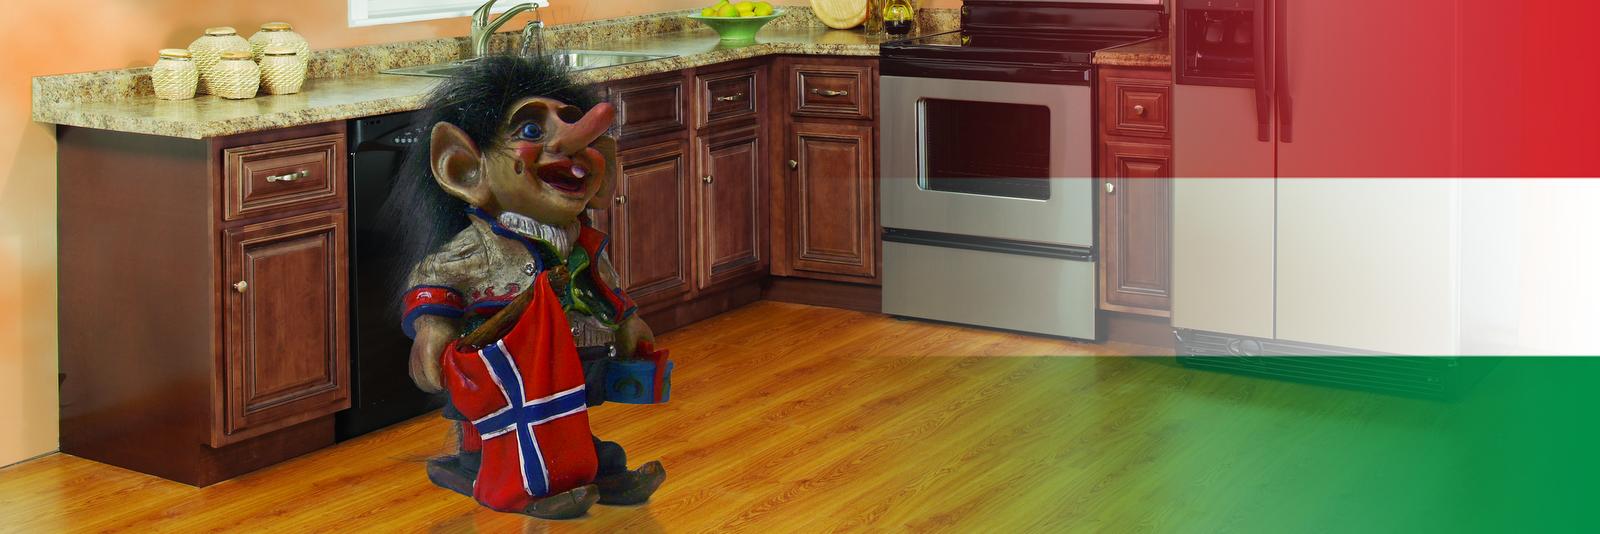 Troll a konyhámban